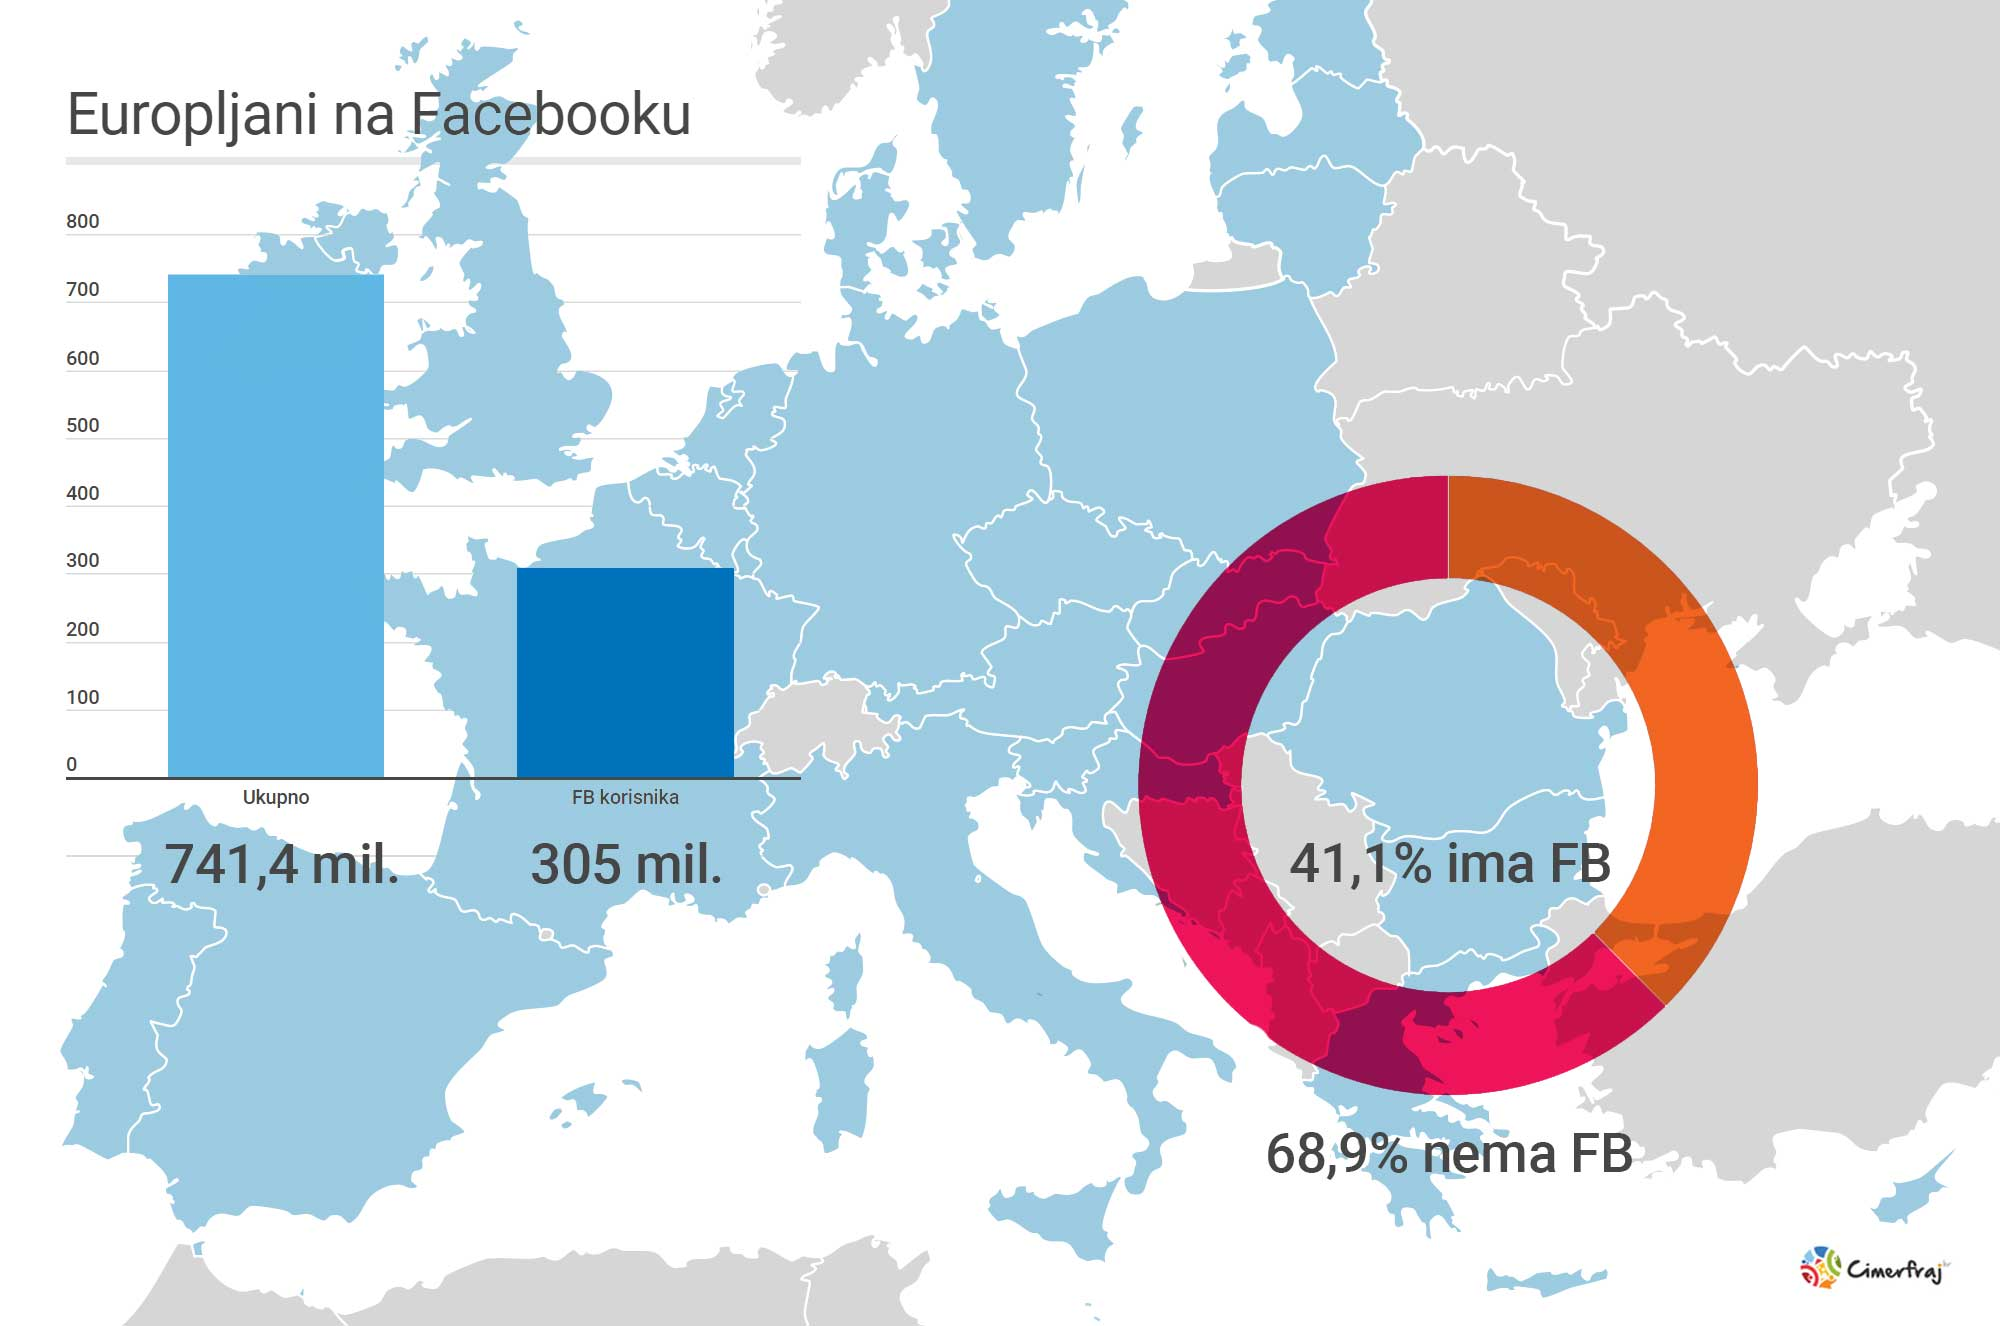 Smještaj na Facebooku - FB navike Europljana